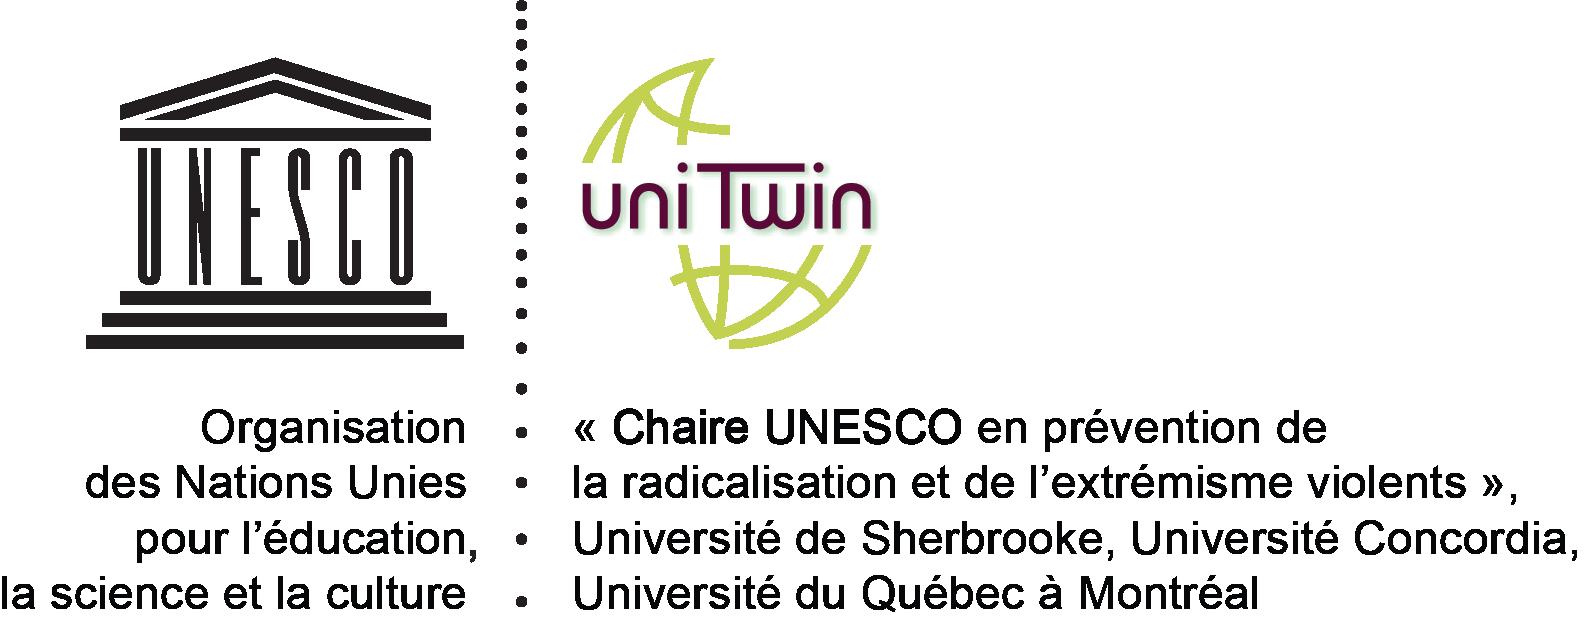 Chaire UNESCO en prévention de la radicalisation et de l'extrémisme violents